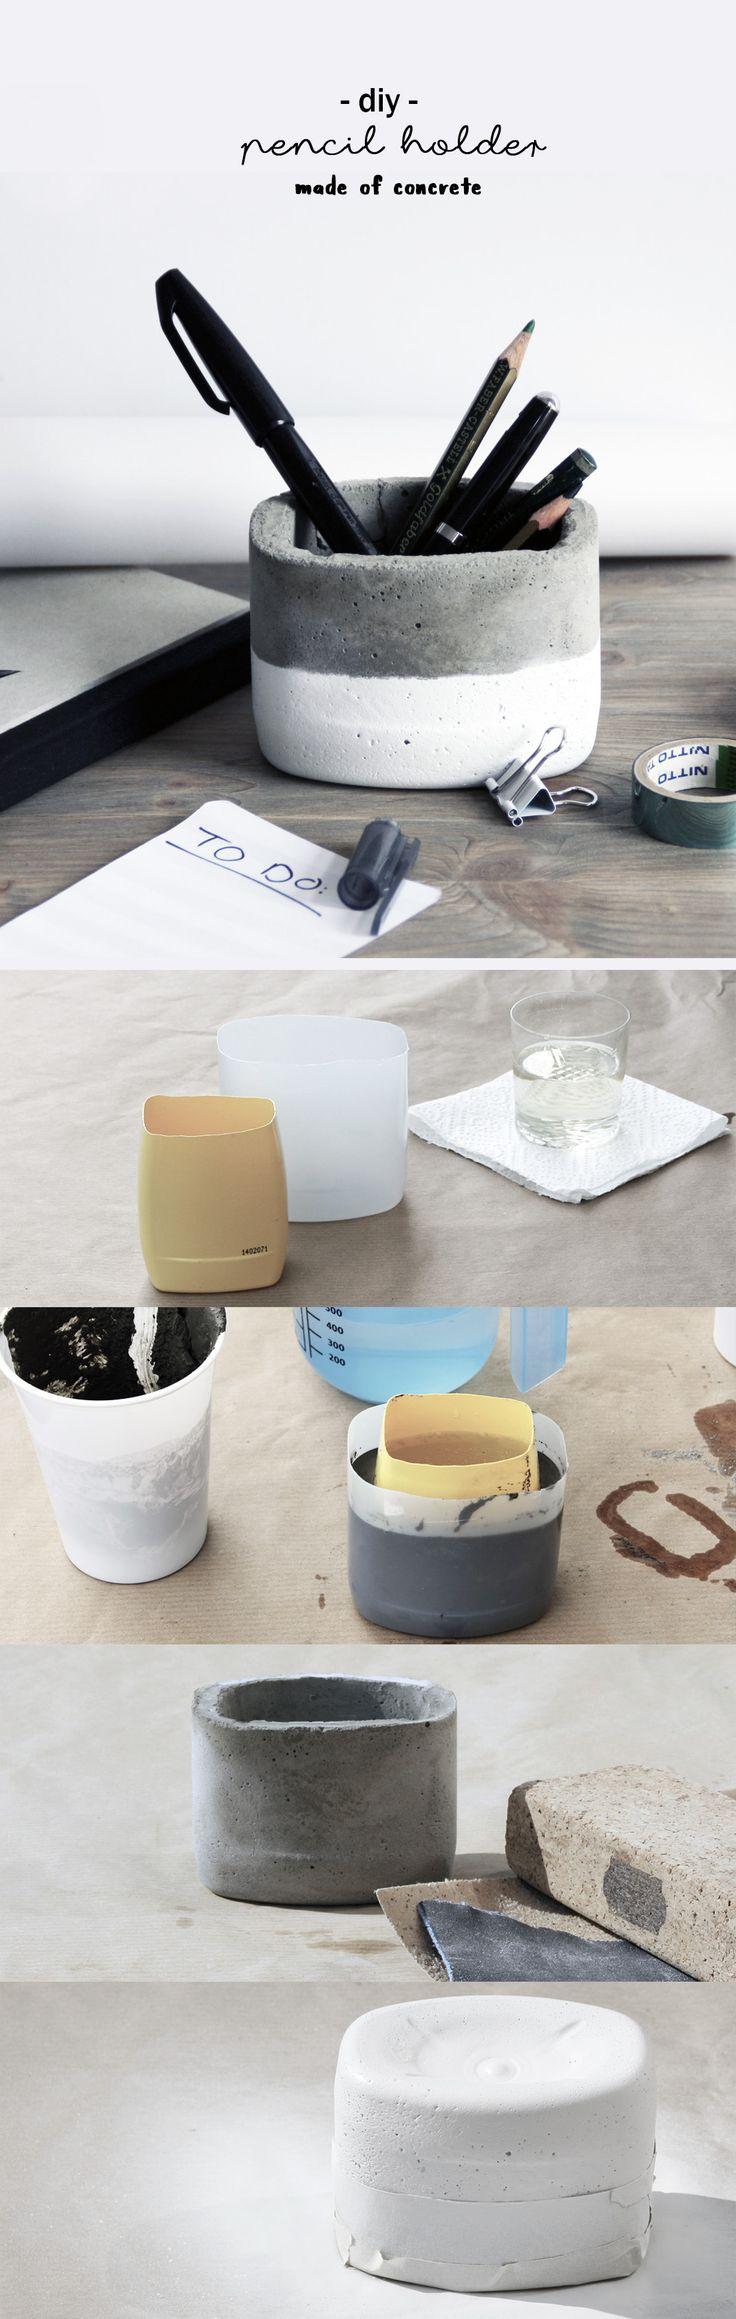 die besten 20 stifthalter ideen auf pinterest. Black Bedroom Furniture Sets. Home Design Ideas